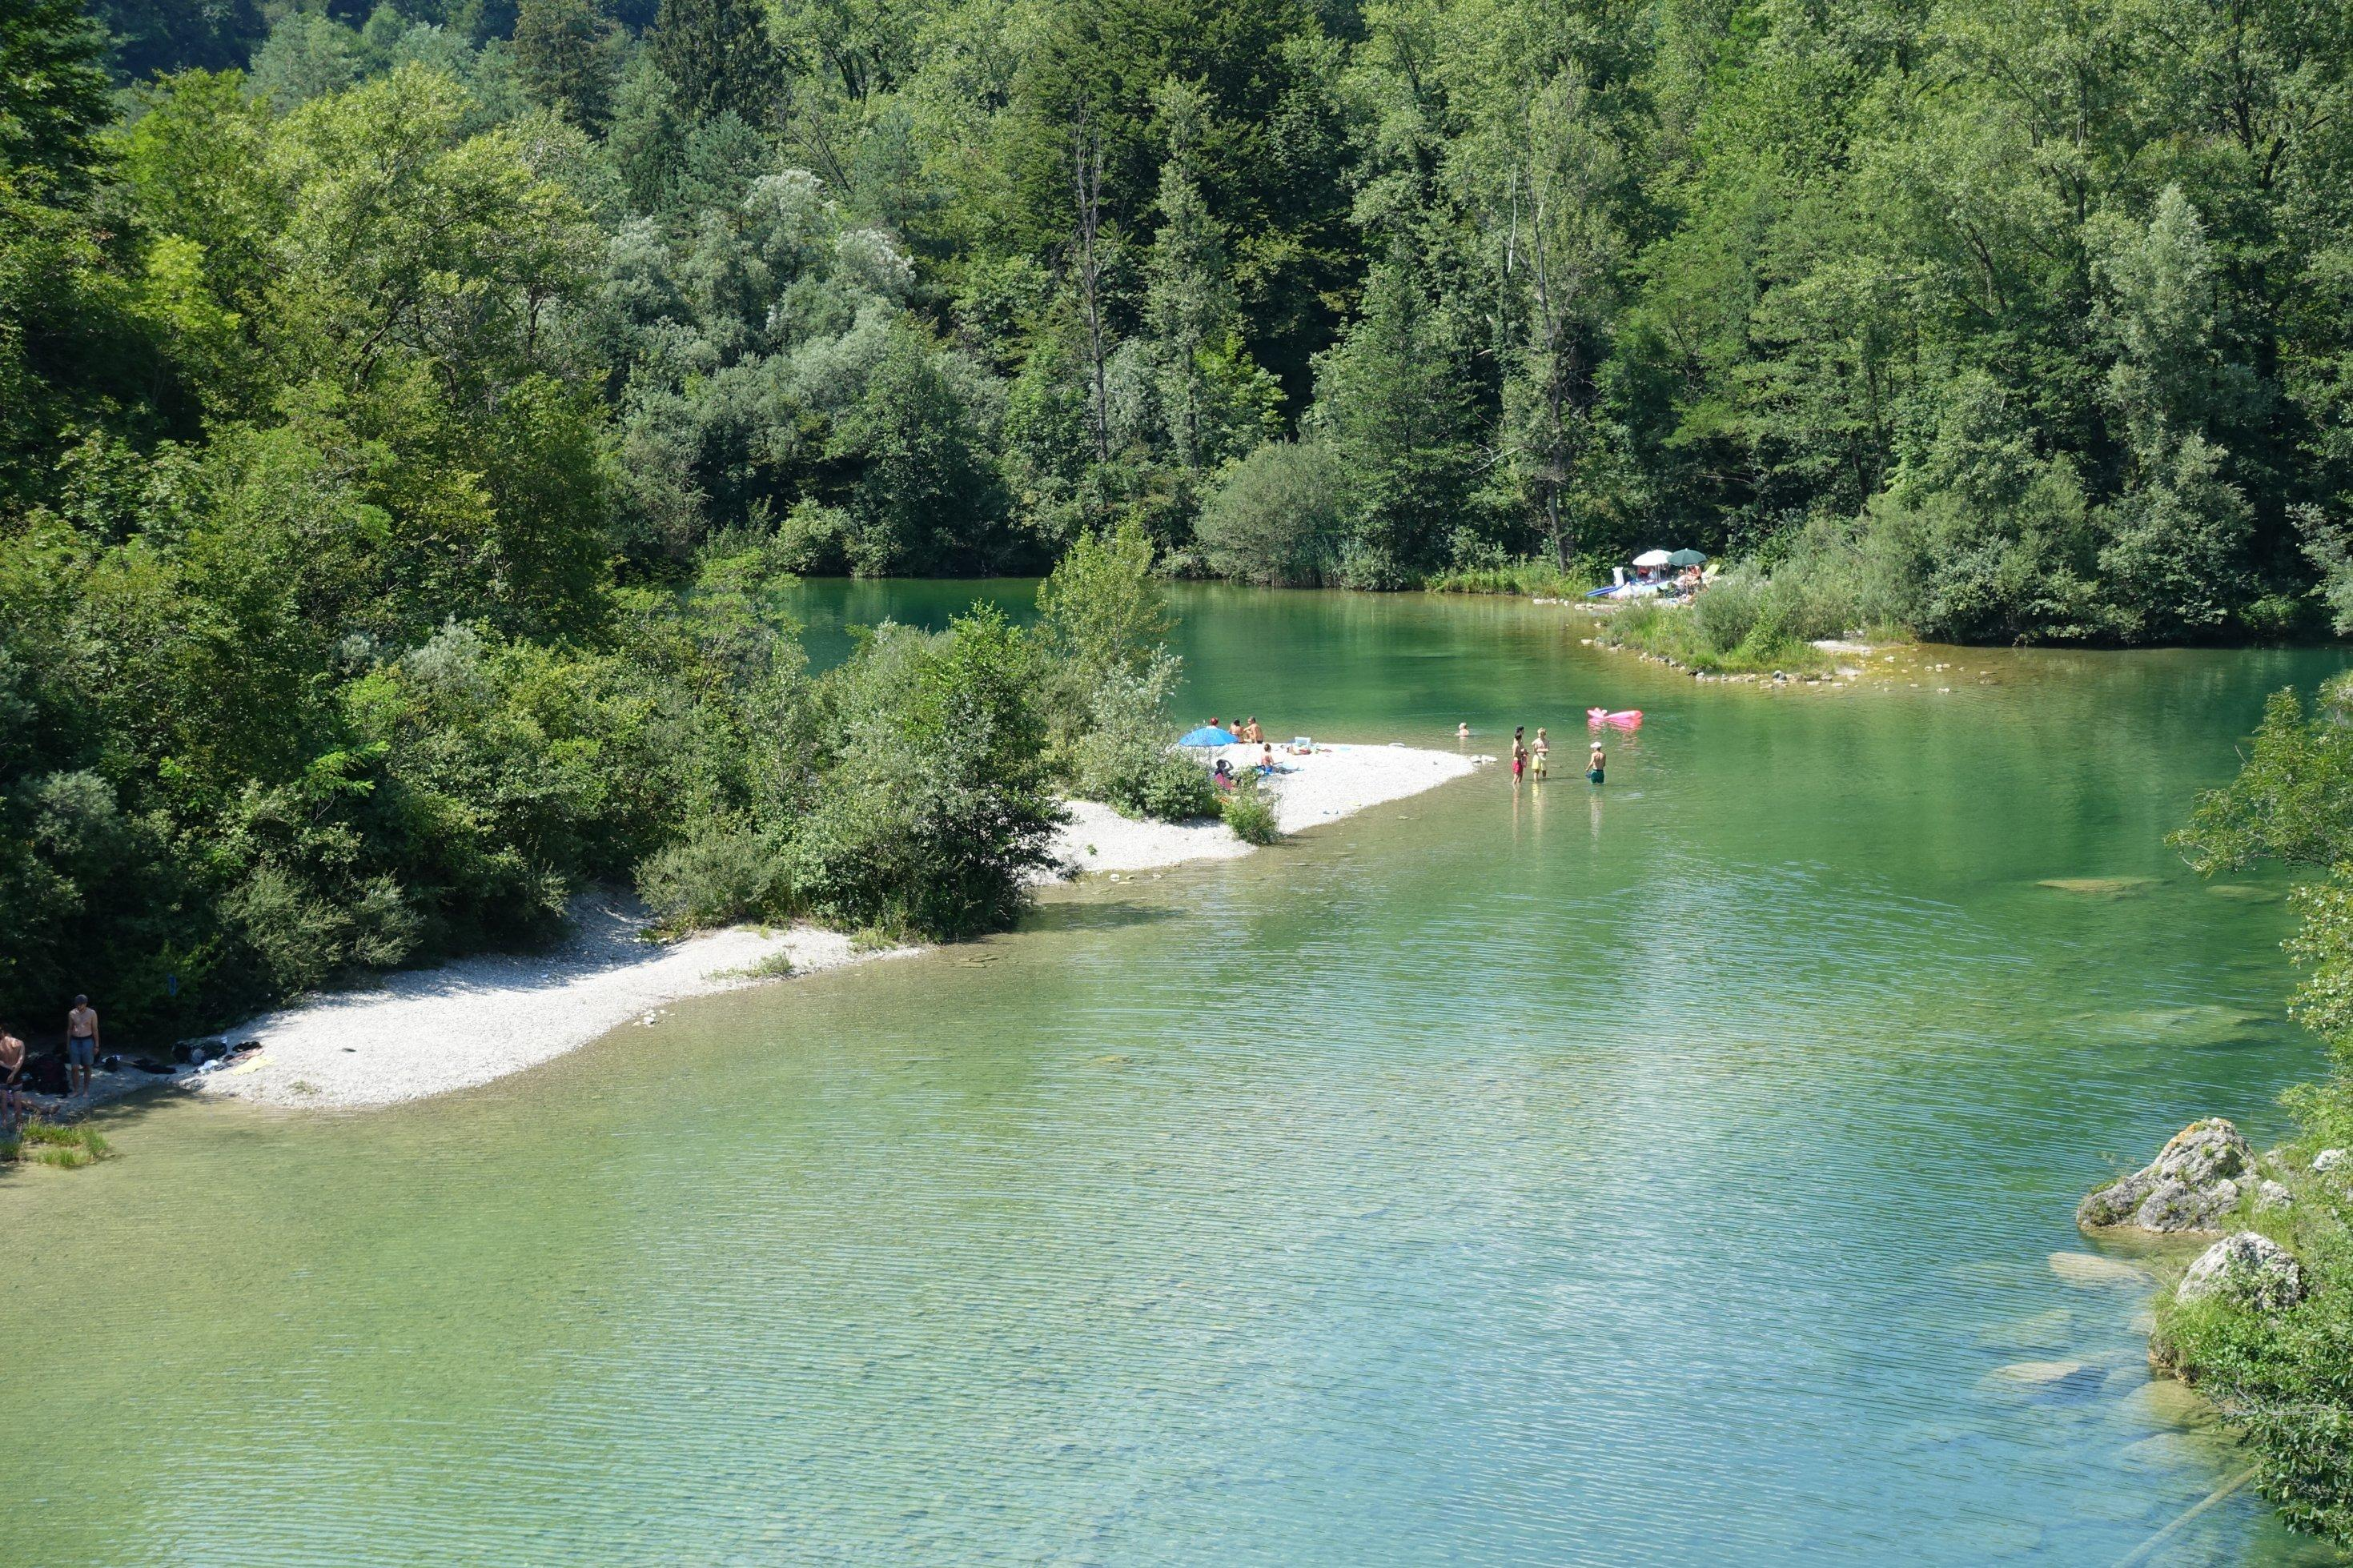 Kurve eines smaragdgrünen Flusses, rundum viel Wald, im Wasser und am Kiestrand Menschen in Badekleidung.